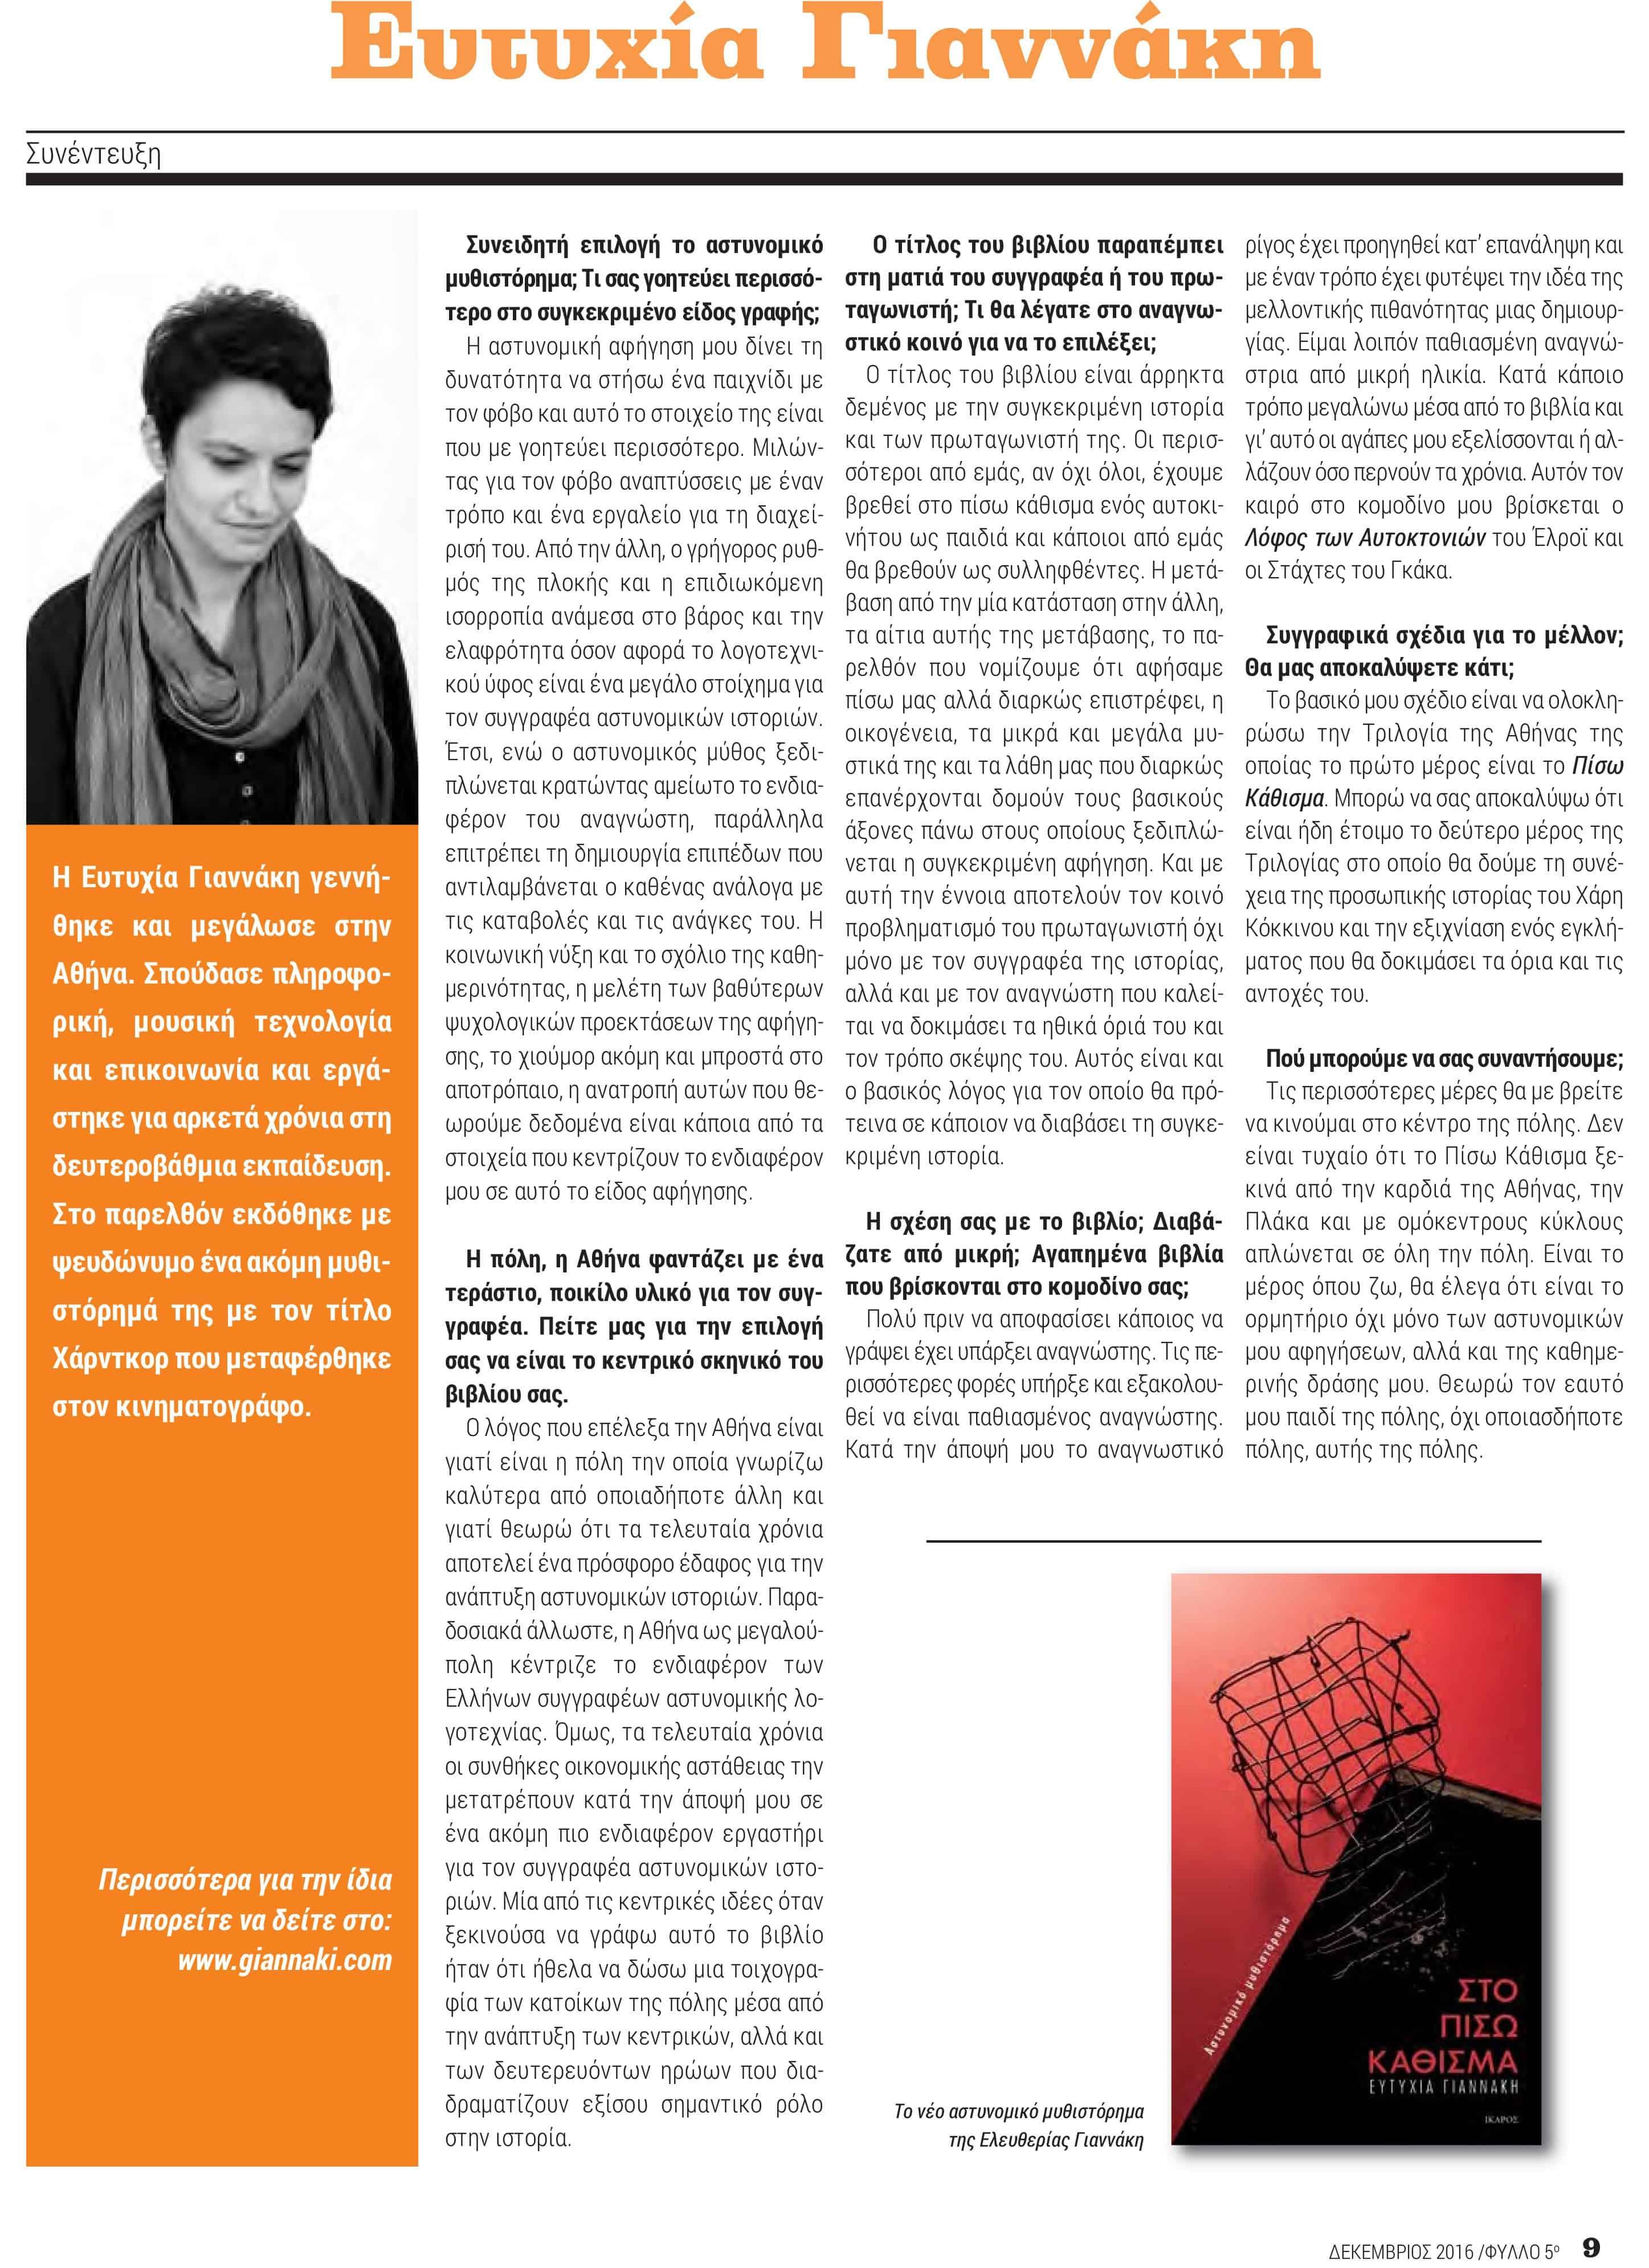 σελίδες2